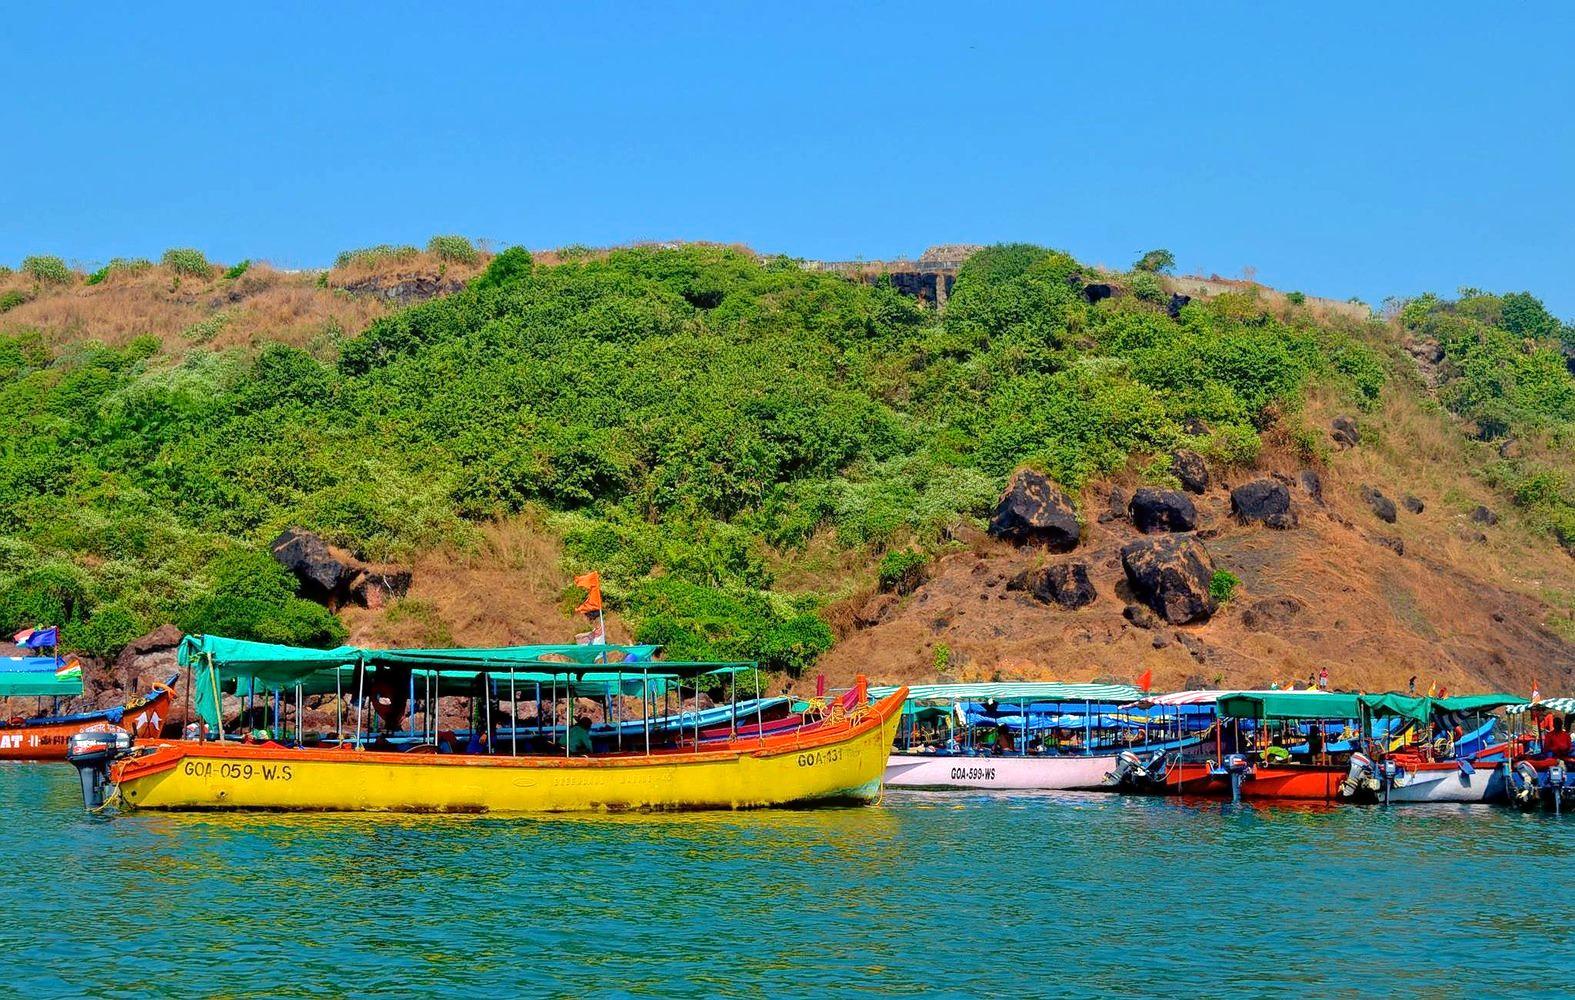 1599802861_grand-island-goa-boat-trips.jpg